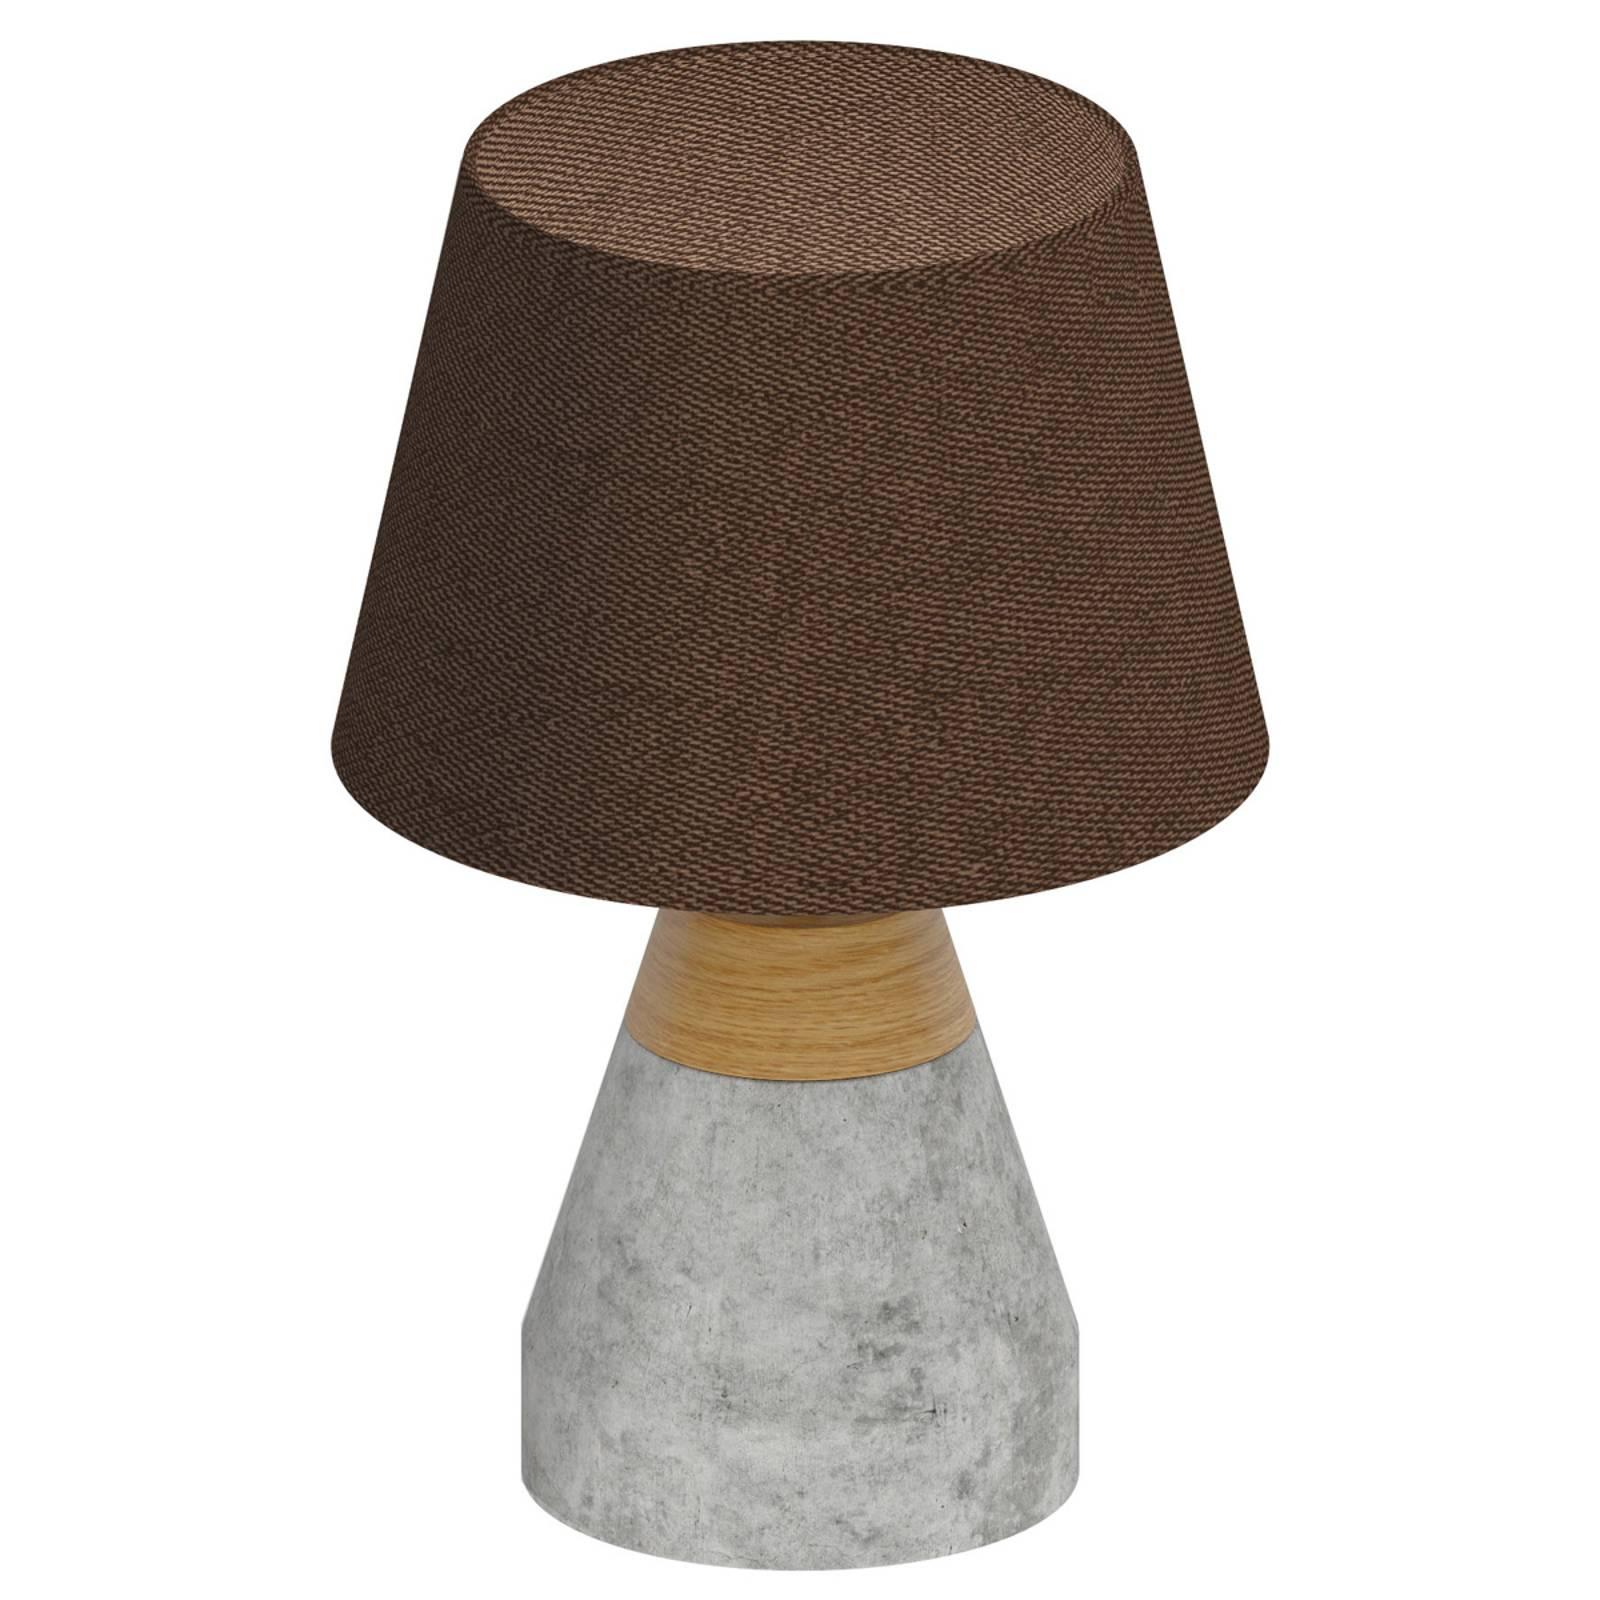 Mooie textiel tafellamp Tarega m. betonen voet